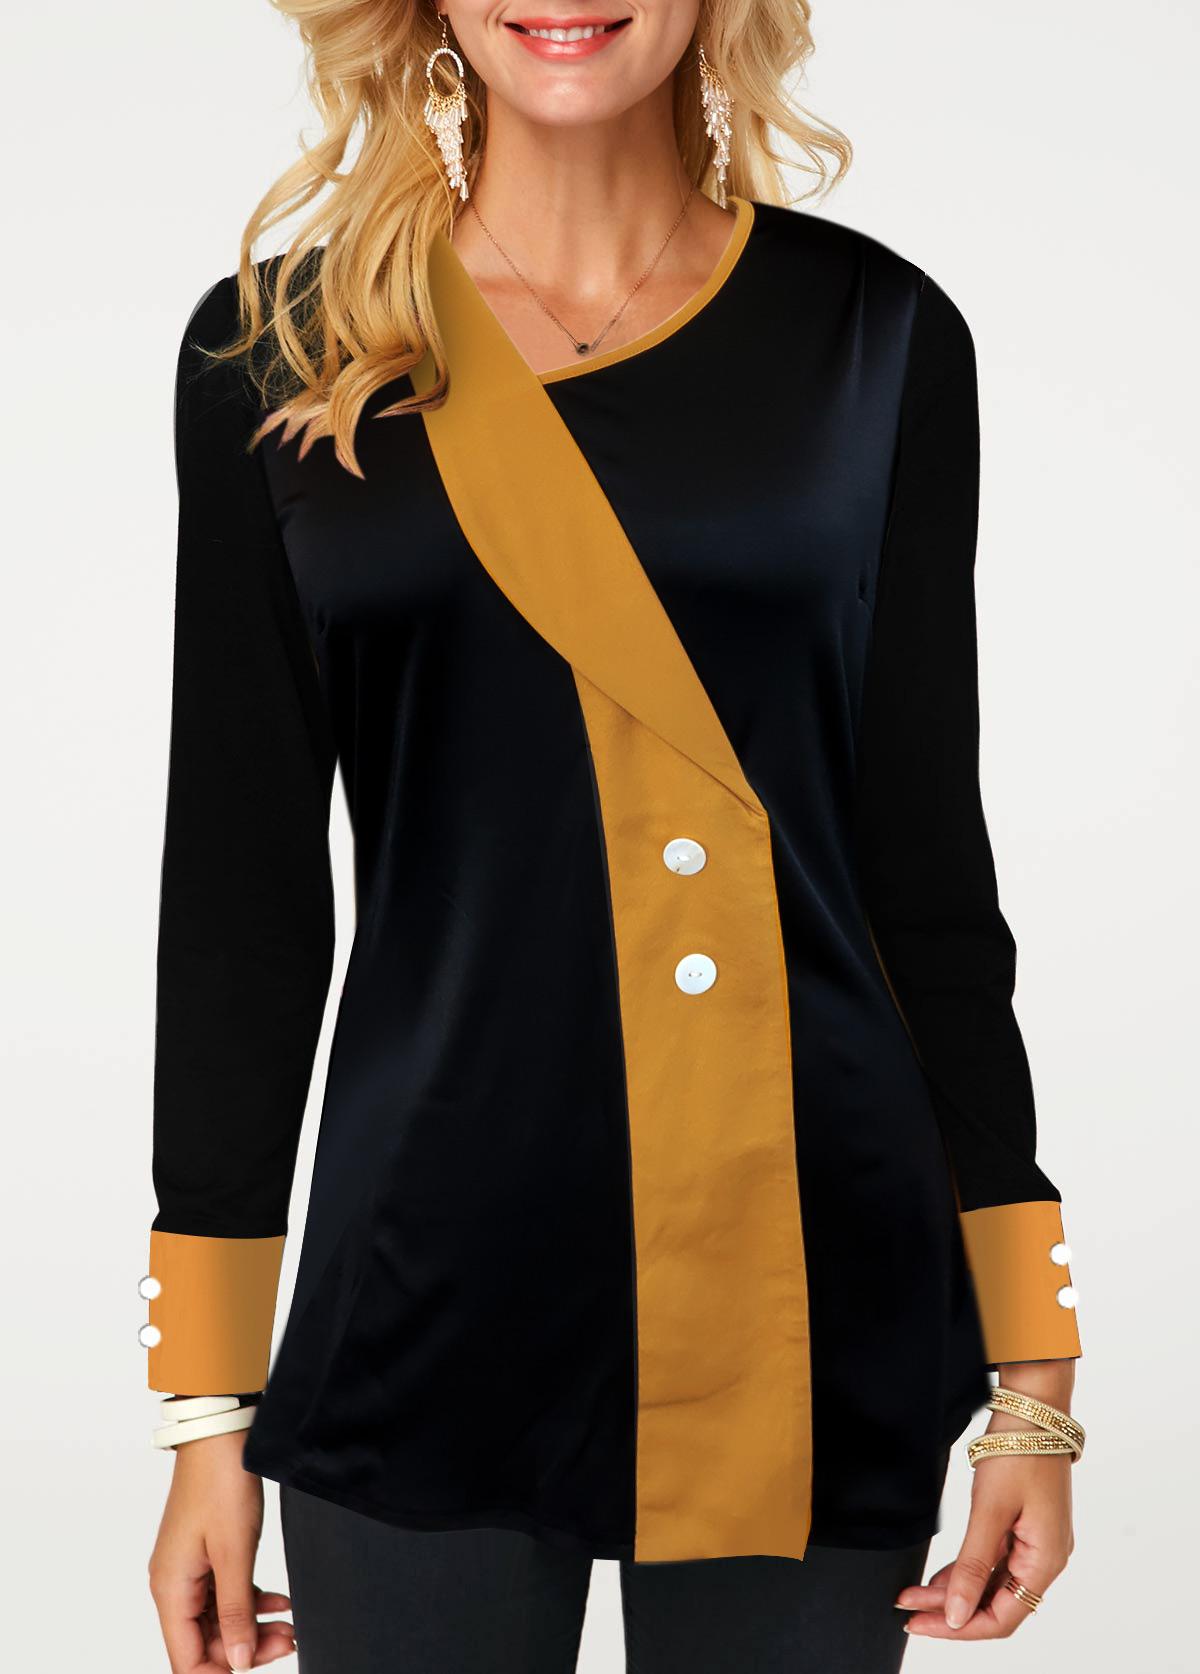 Asymmetric Neckline Button Detail Contrast Panel T Shirt